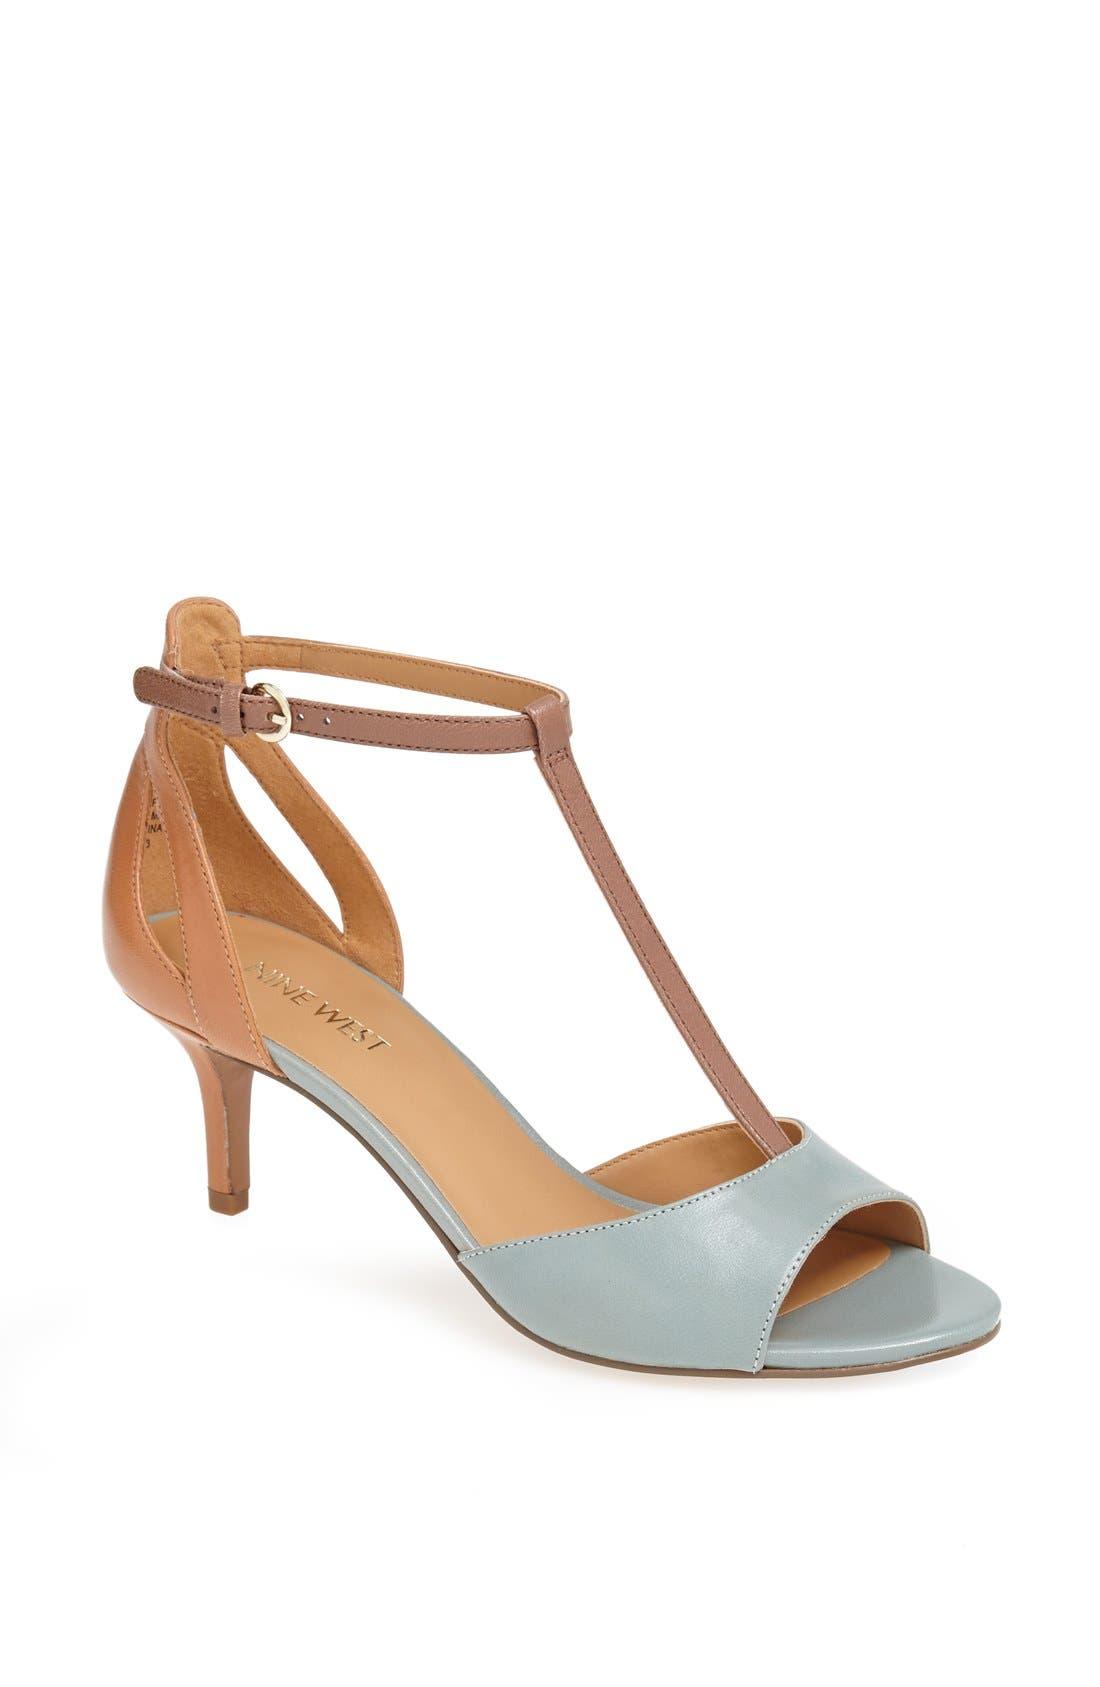 Main Image - Nine West 'Gaget' Sandal